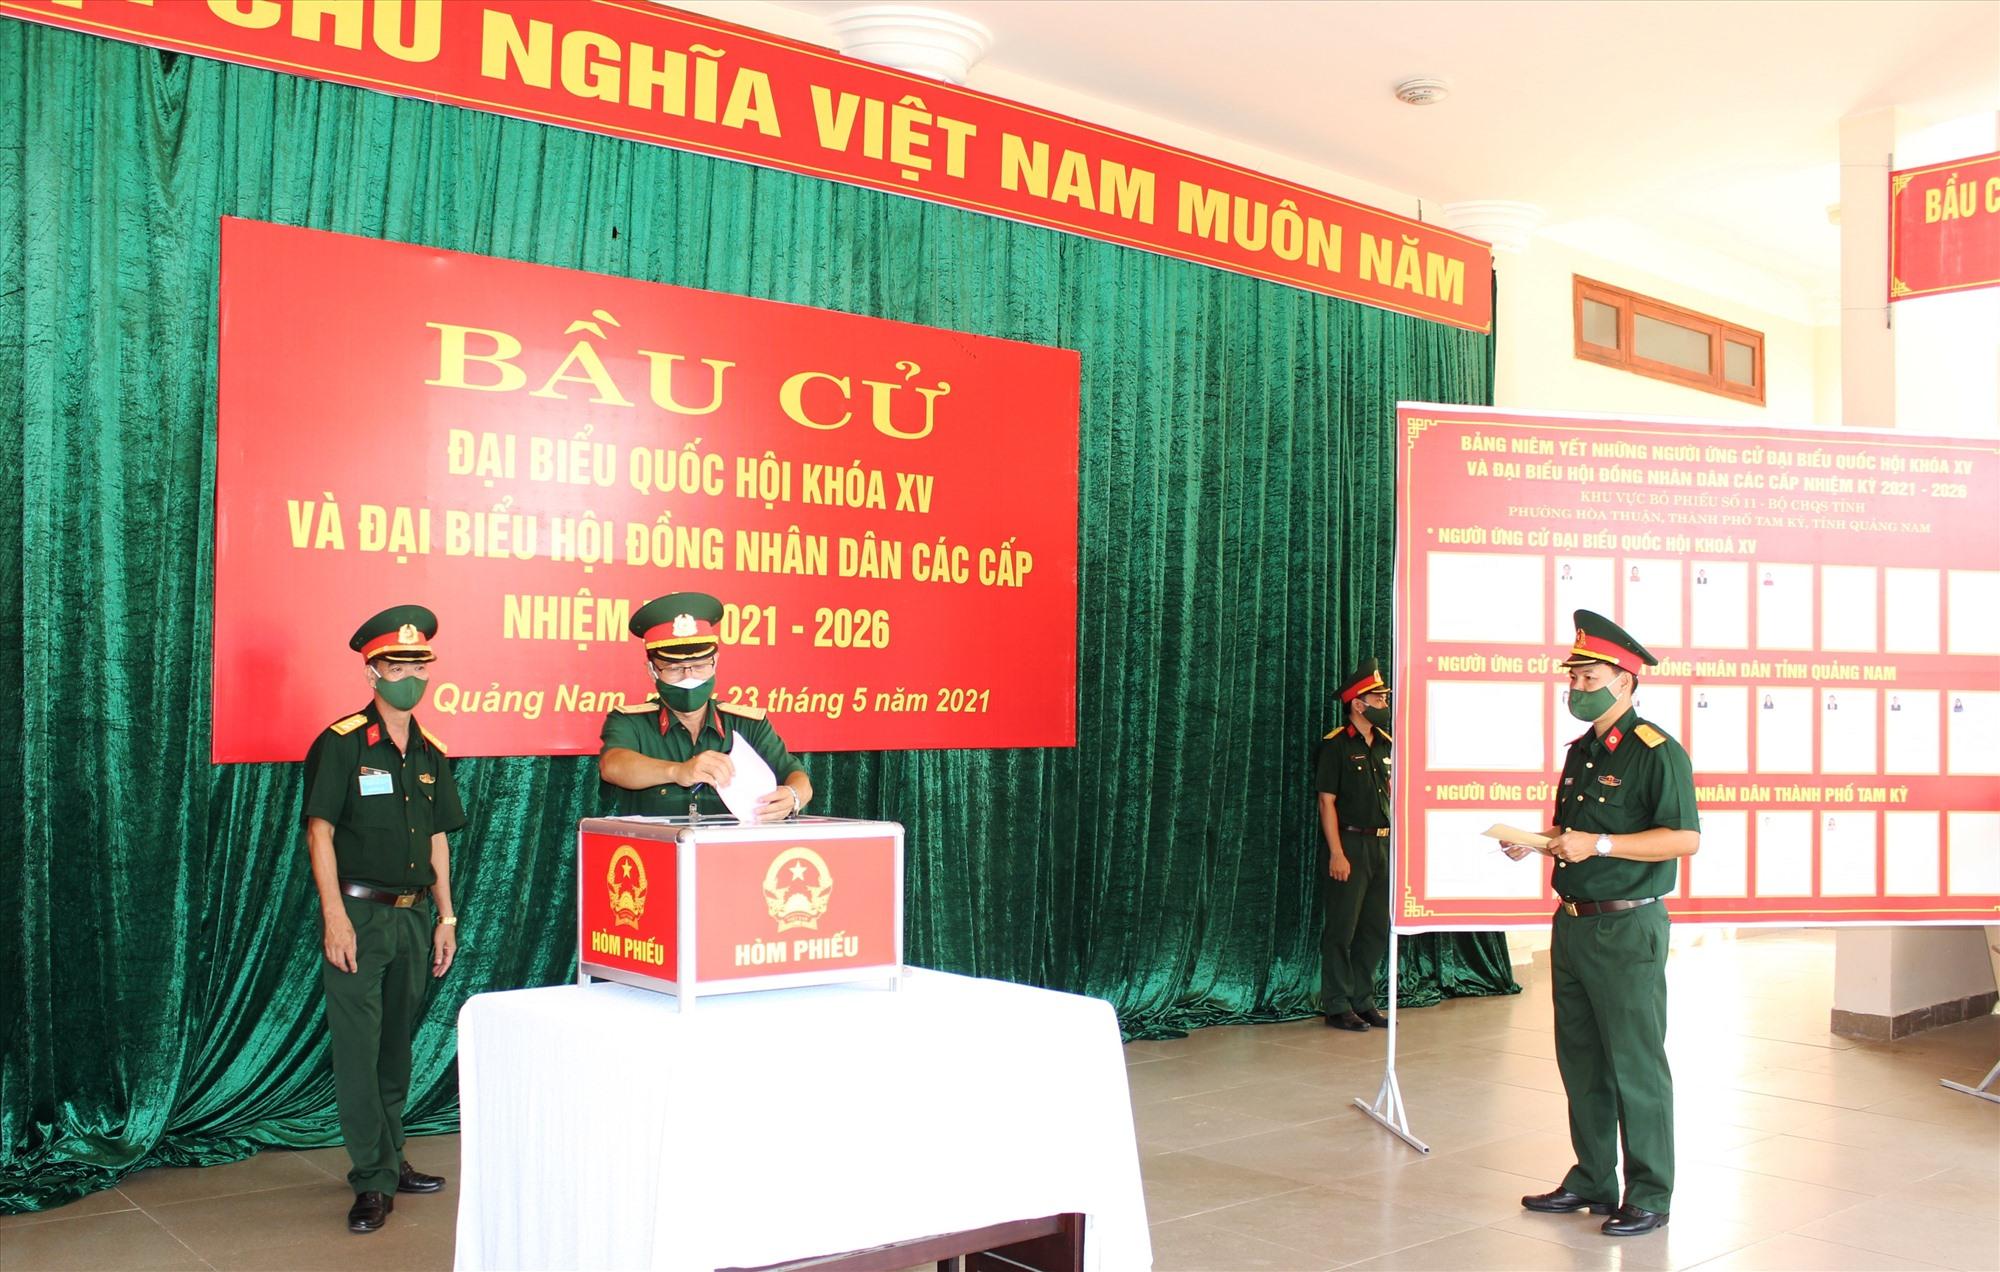 Cử tri là quân nhân trong lực lượng vũ trang tiến hành bỏ phiếu bầu cử.